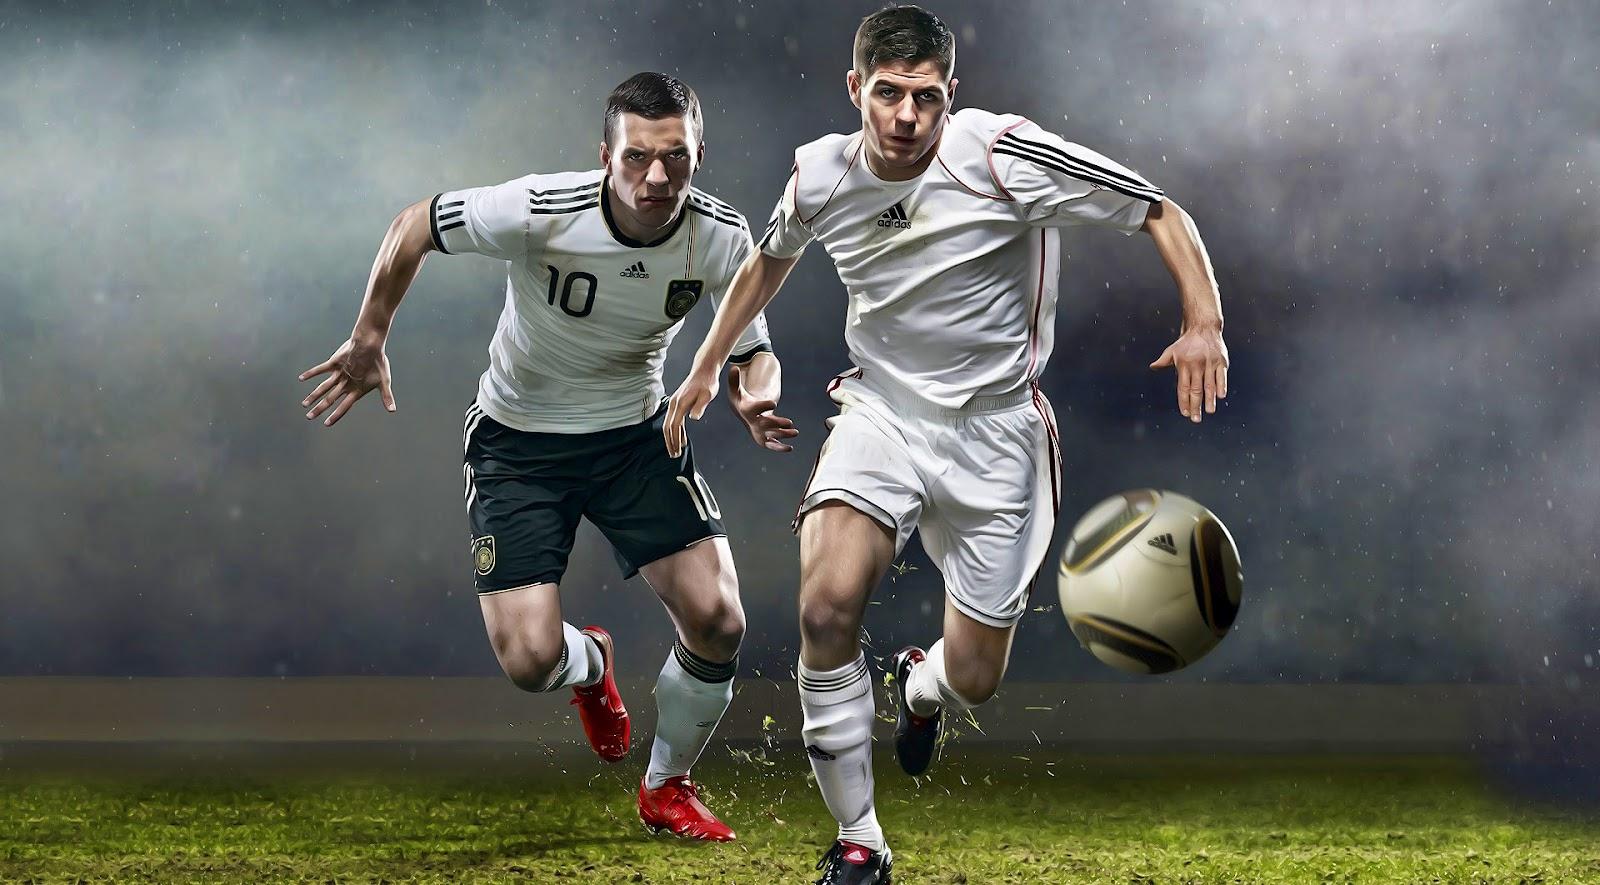 Best Soccer Players Wallpaper